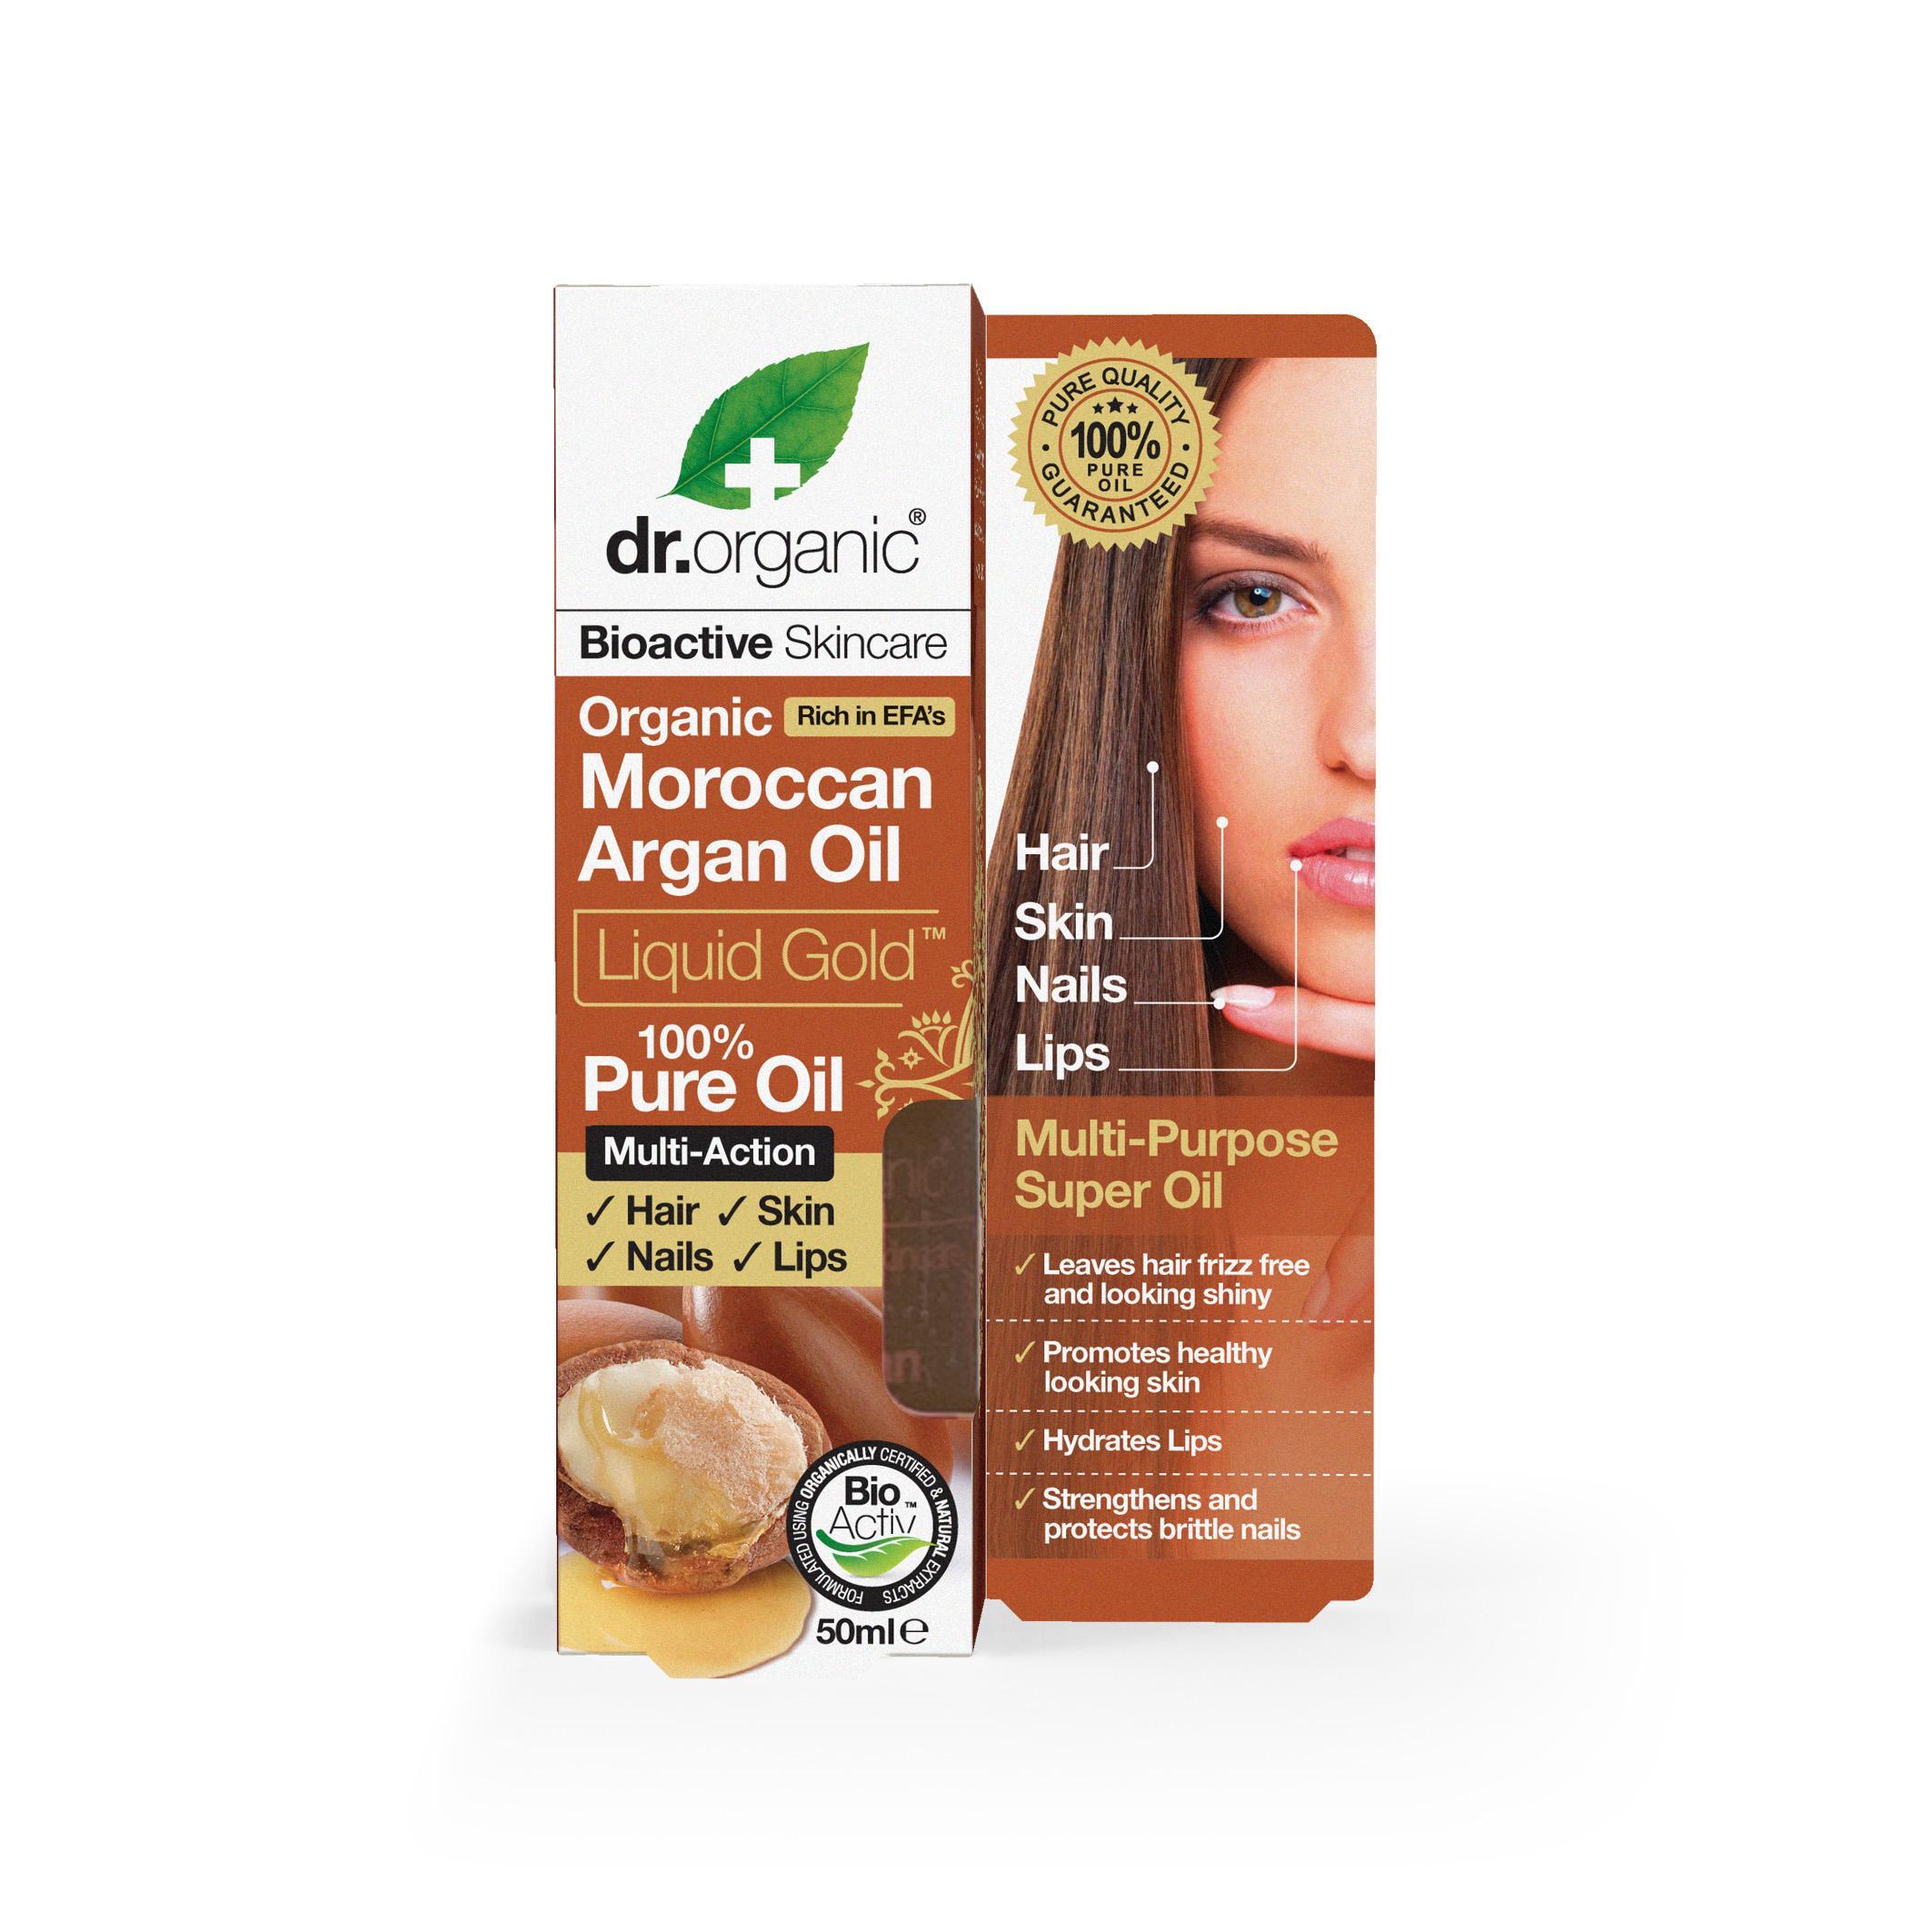 Dr. Organic Aceite Puro de Argán